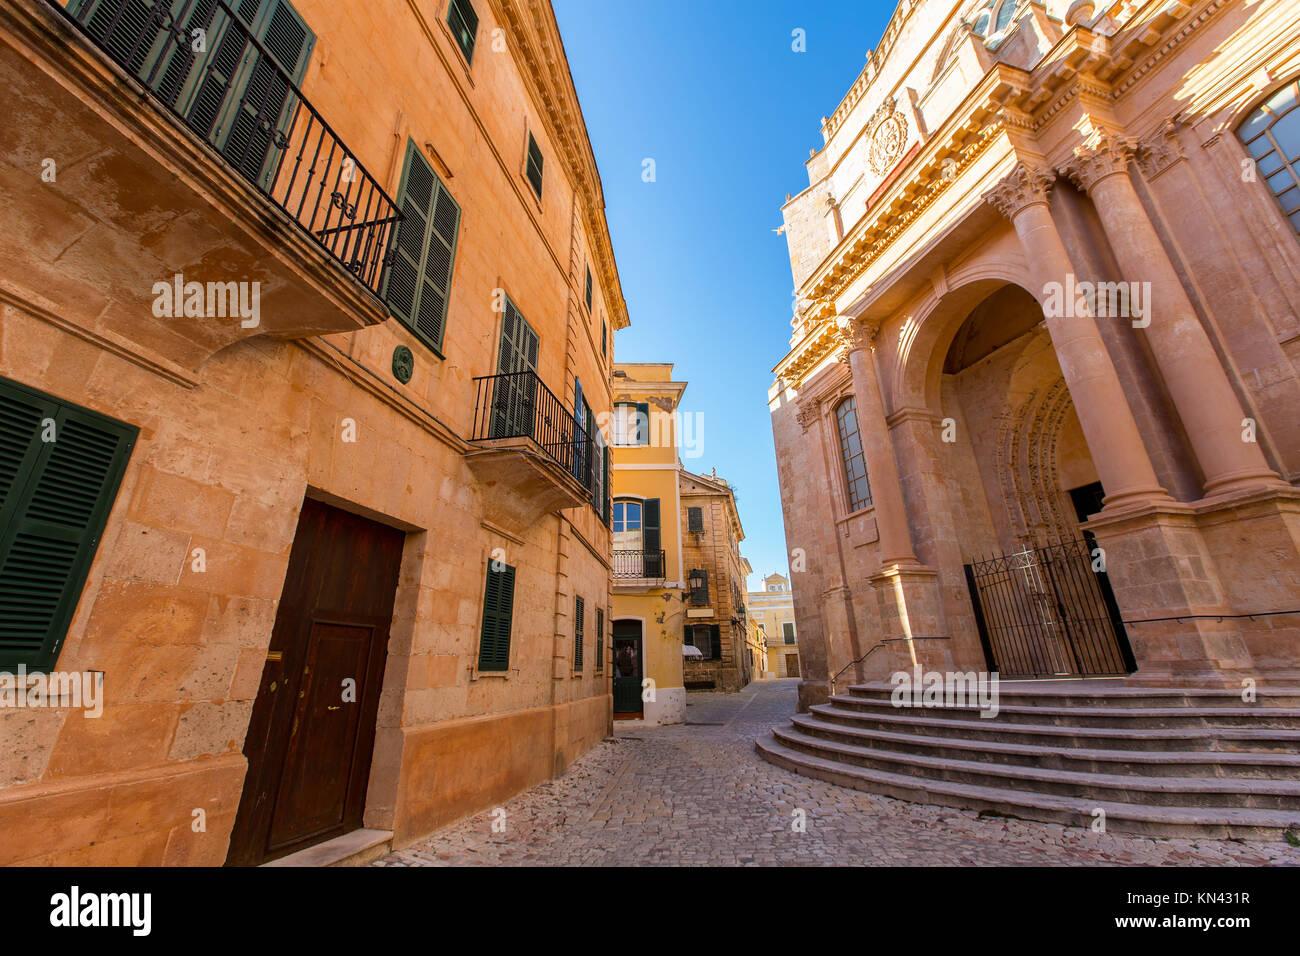 Ciutadella Cattedrale di Menorca di Ciudadela downtown in isole Baleari. Foto Stock